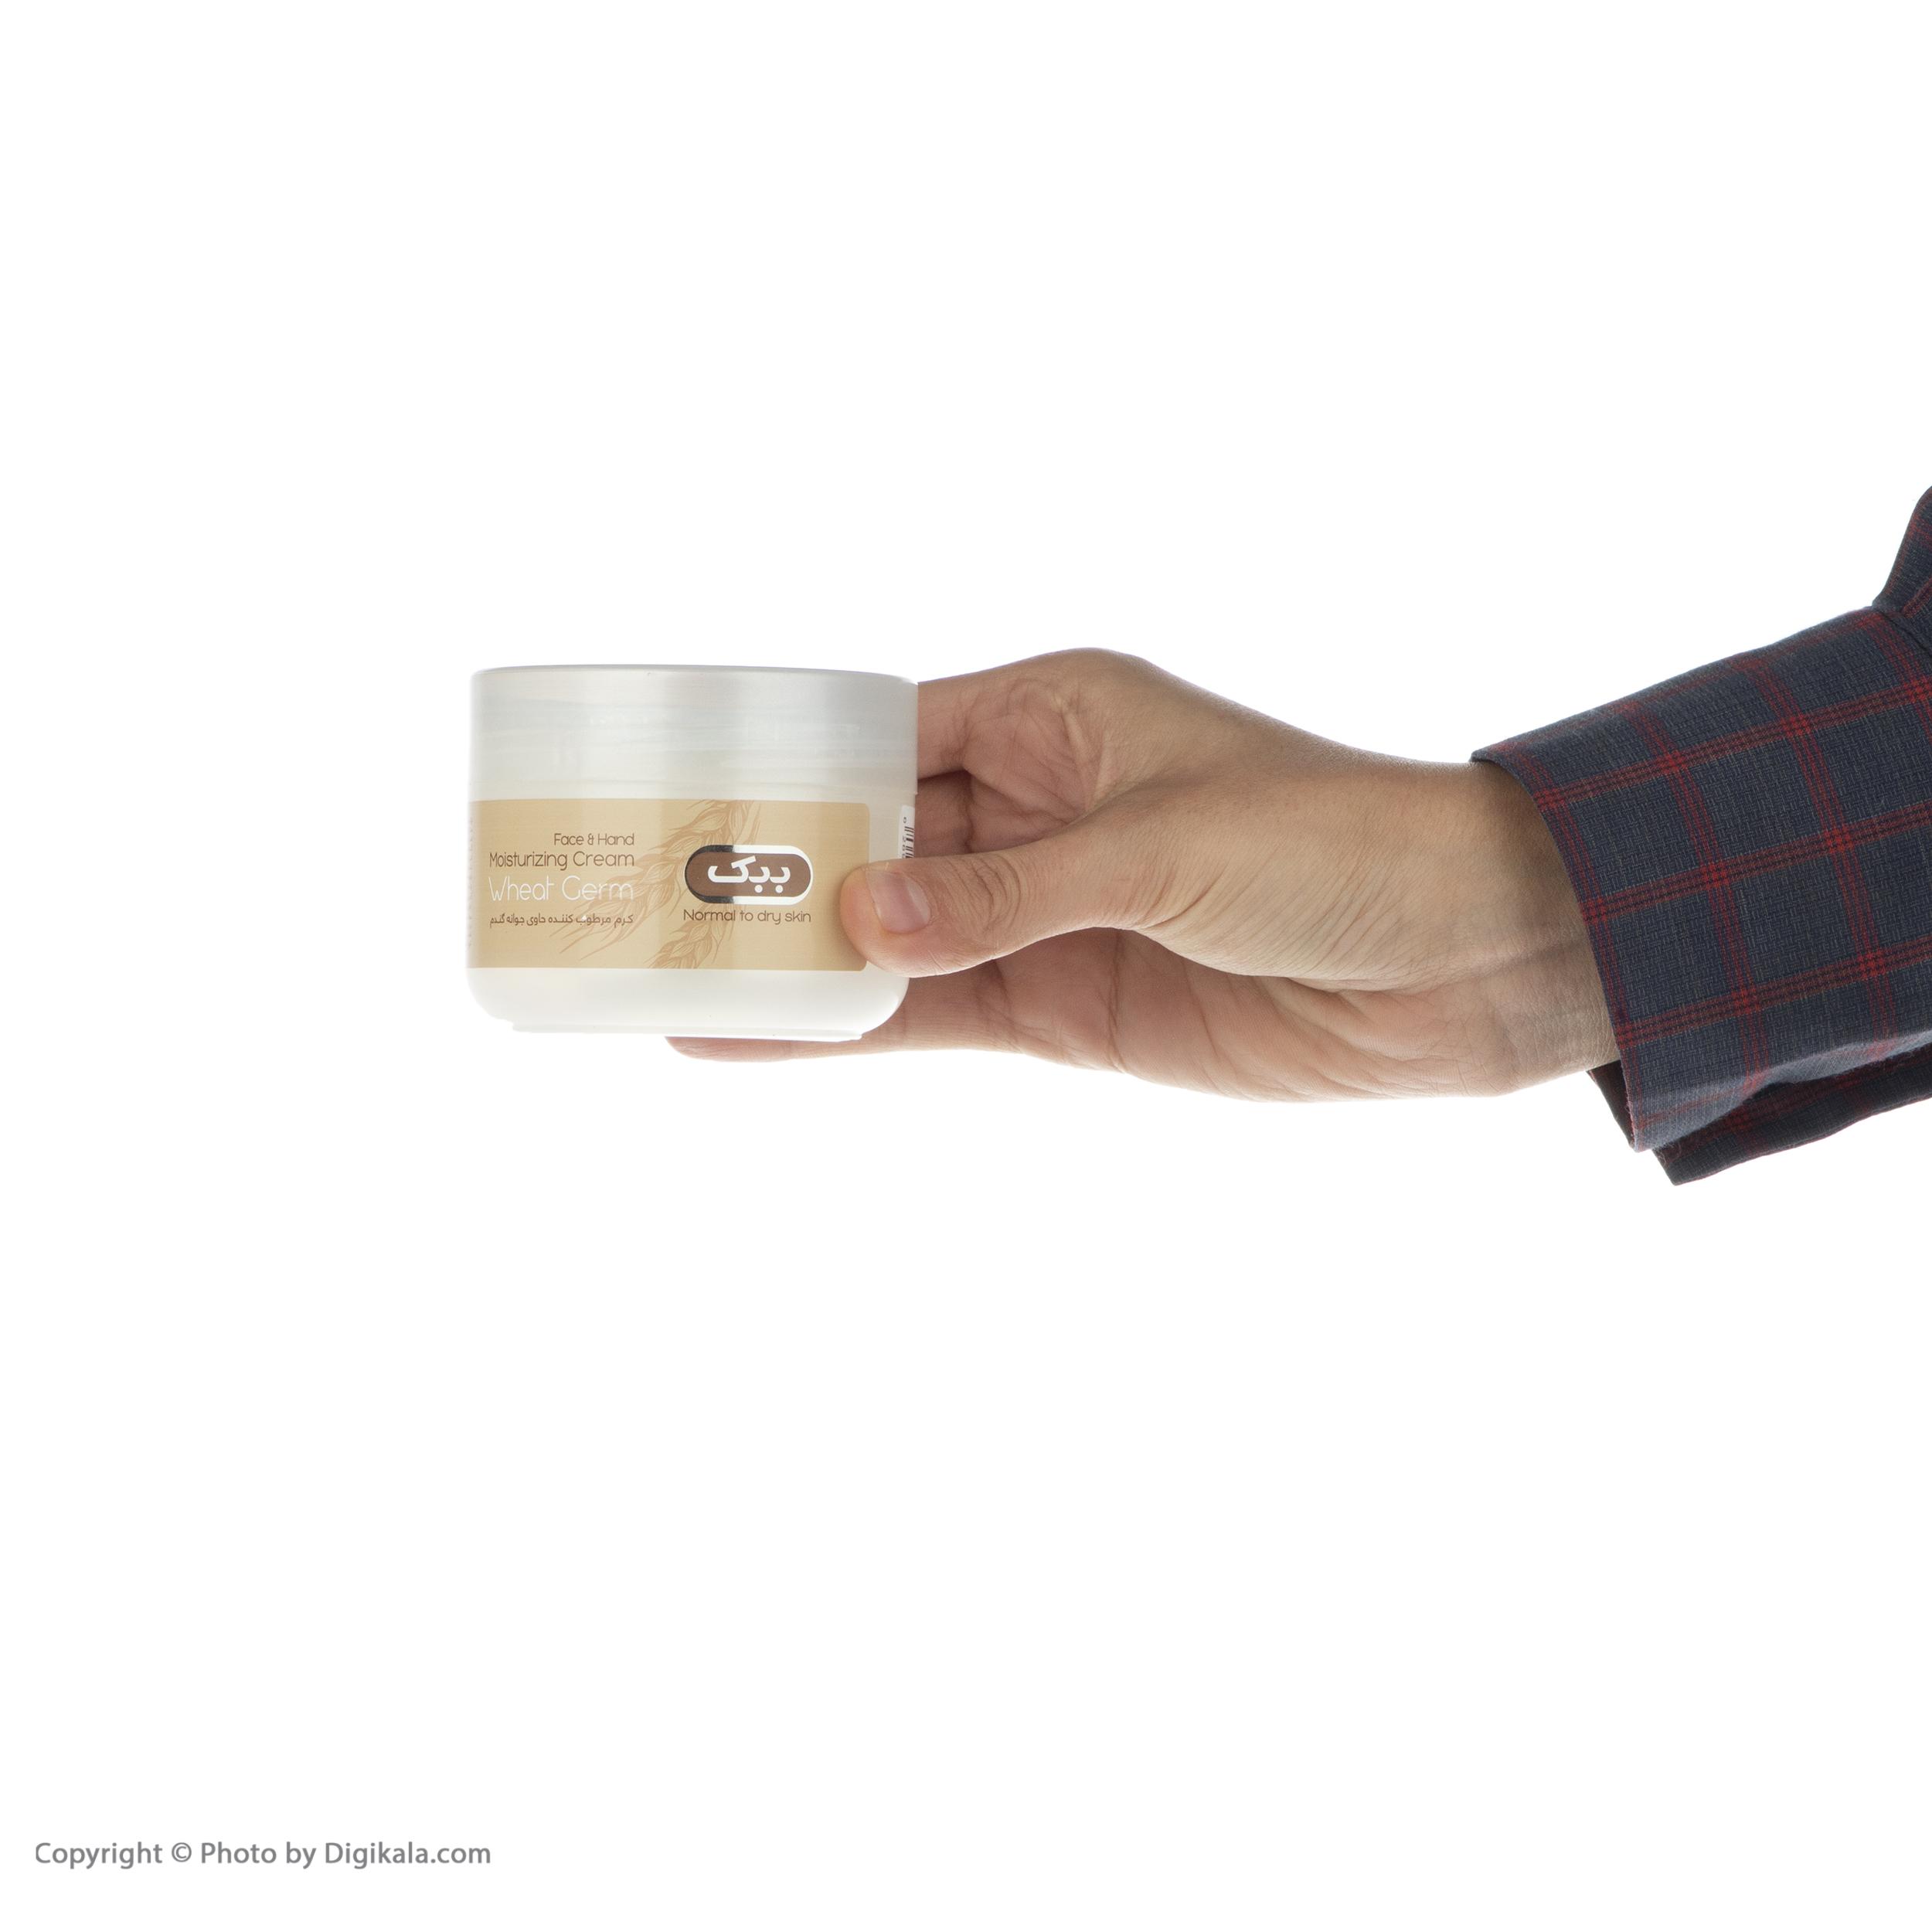 کرم مرطوب کننده ببک مدل Wheat Germ حجم 100 میلی لیتر